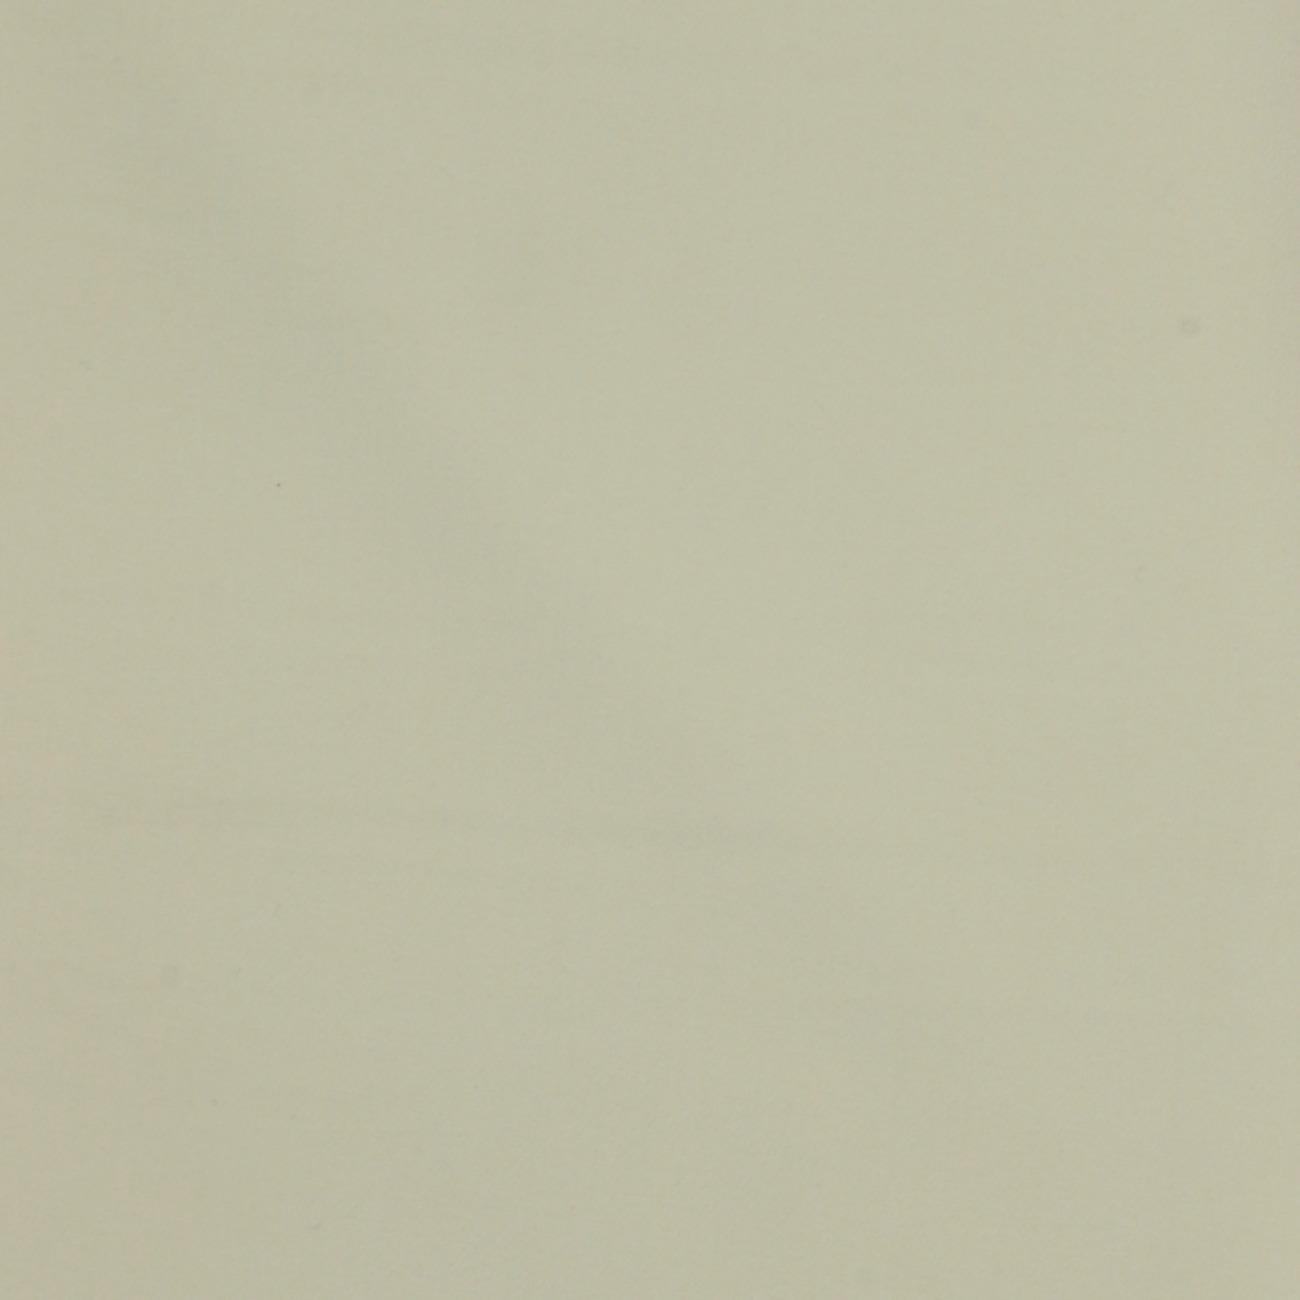 期货 素色平纹梭织外套风衣低弹 春秋 裤子 61219-59